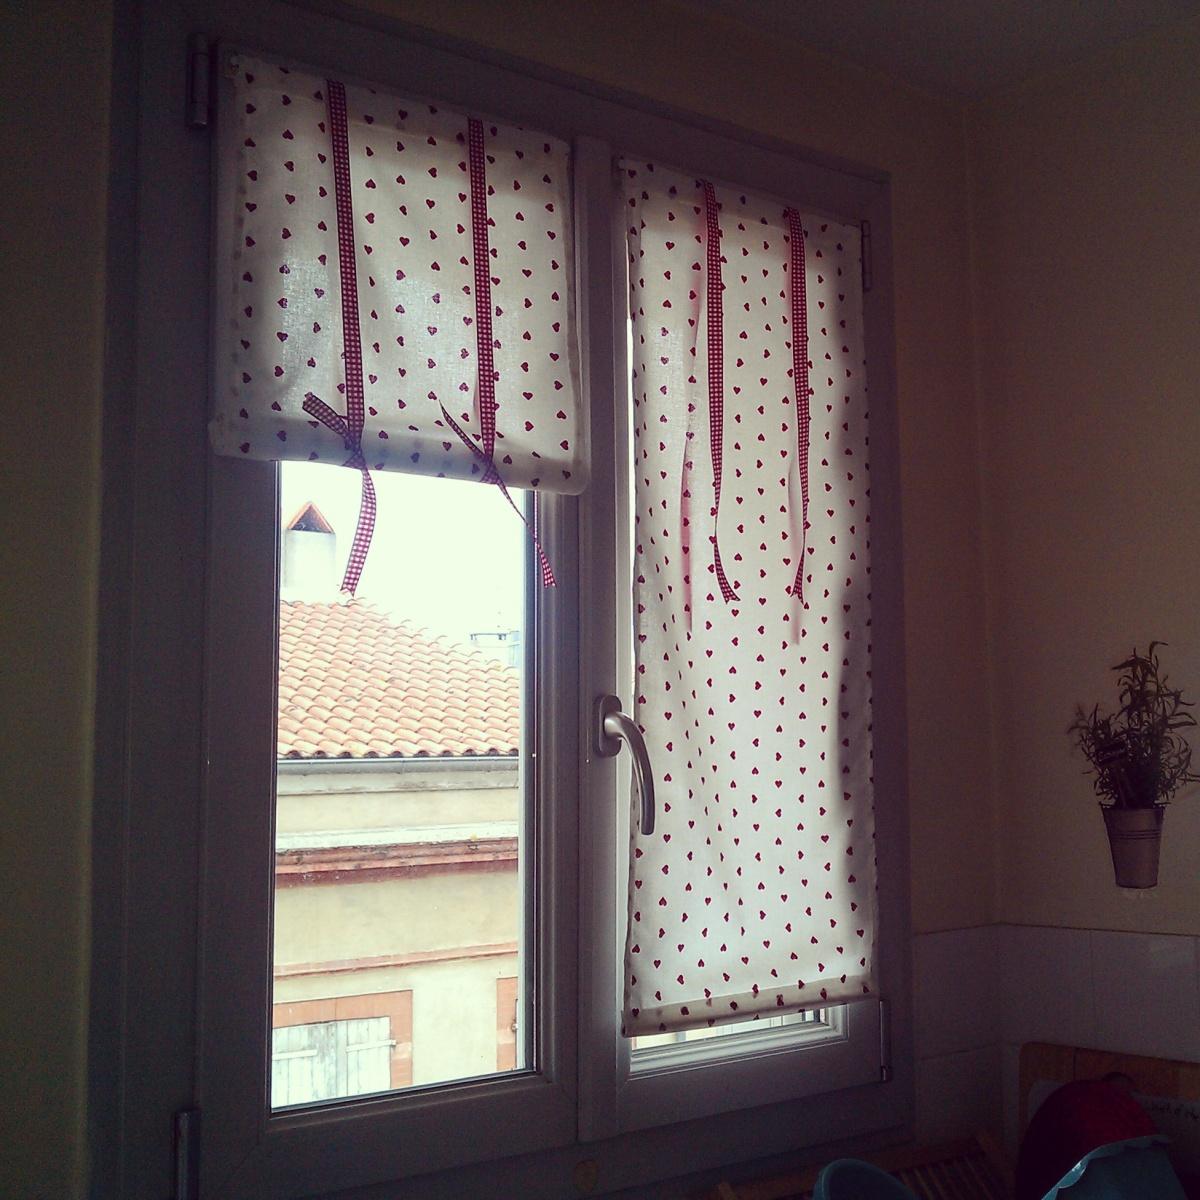 Diy rideaux panneaux pour pour la cuisine mosaique de vero - Rideaux pour cuisine design ...